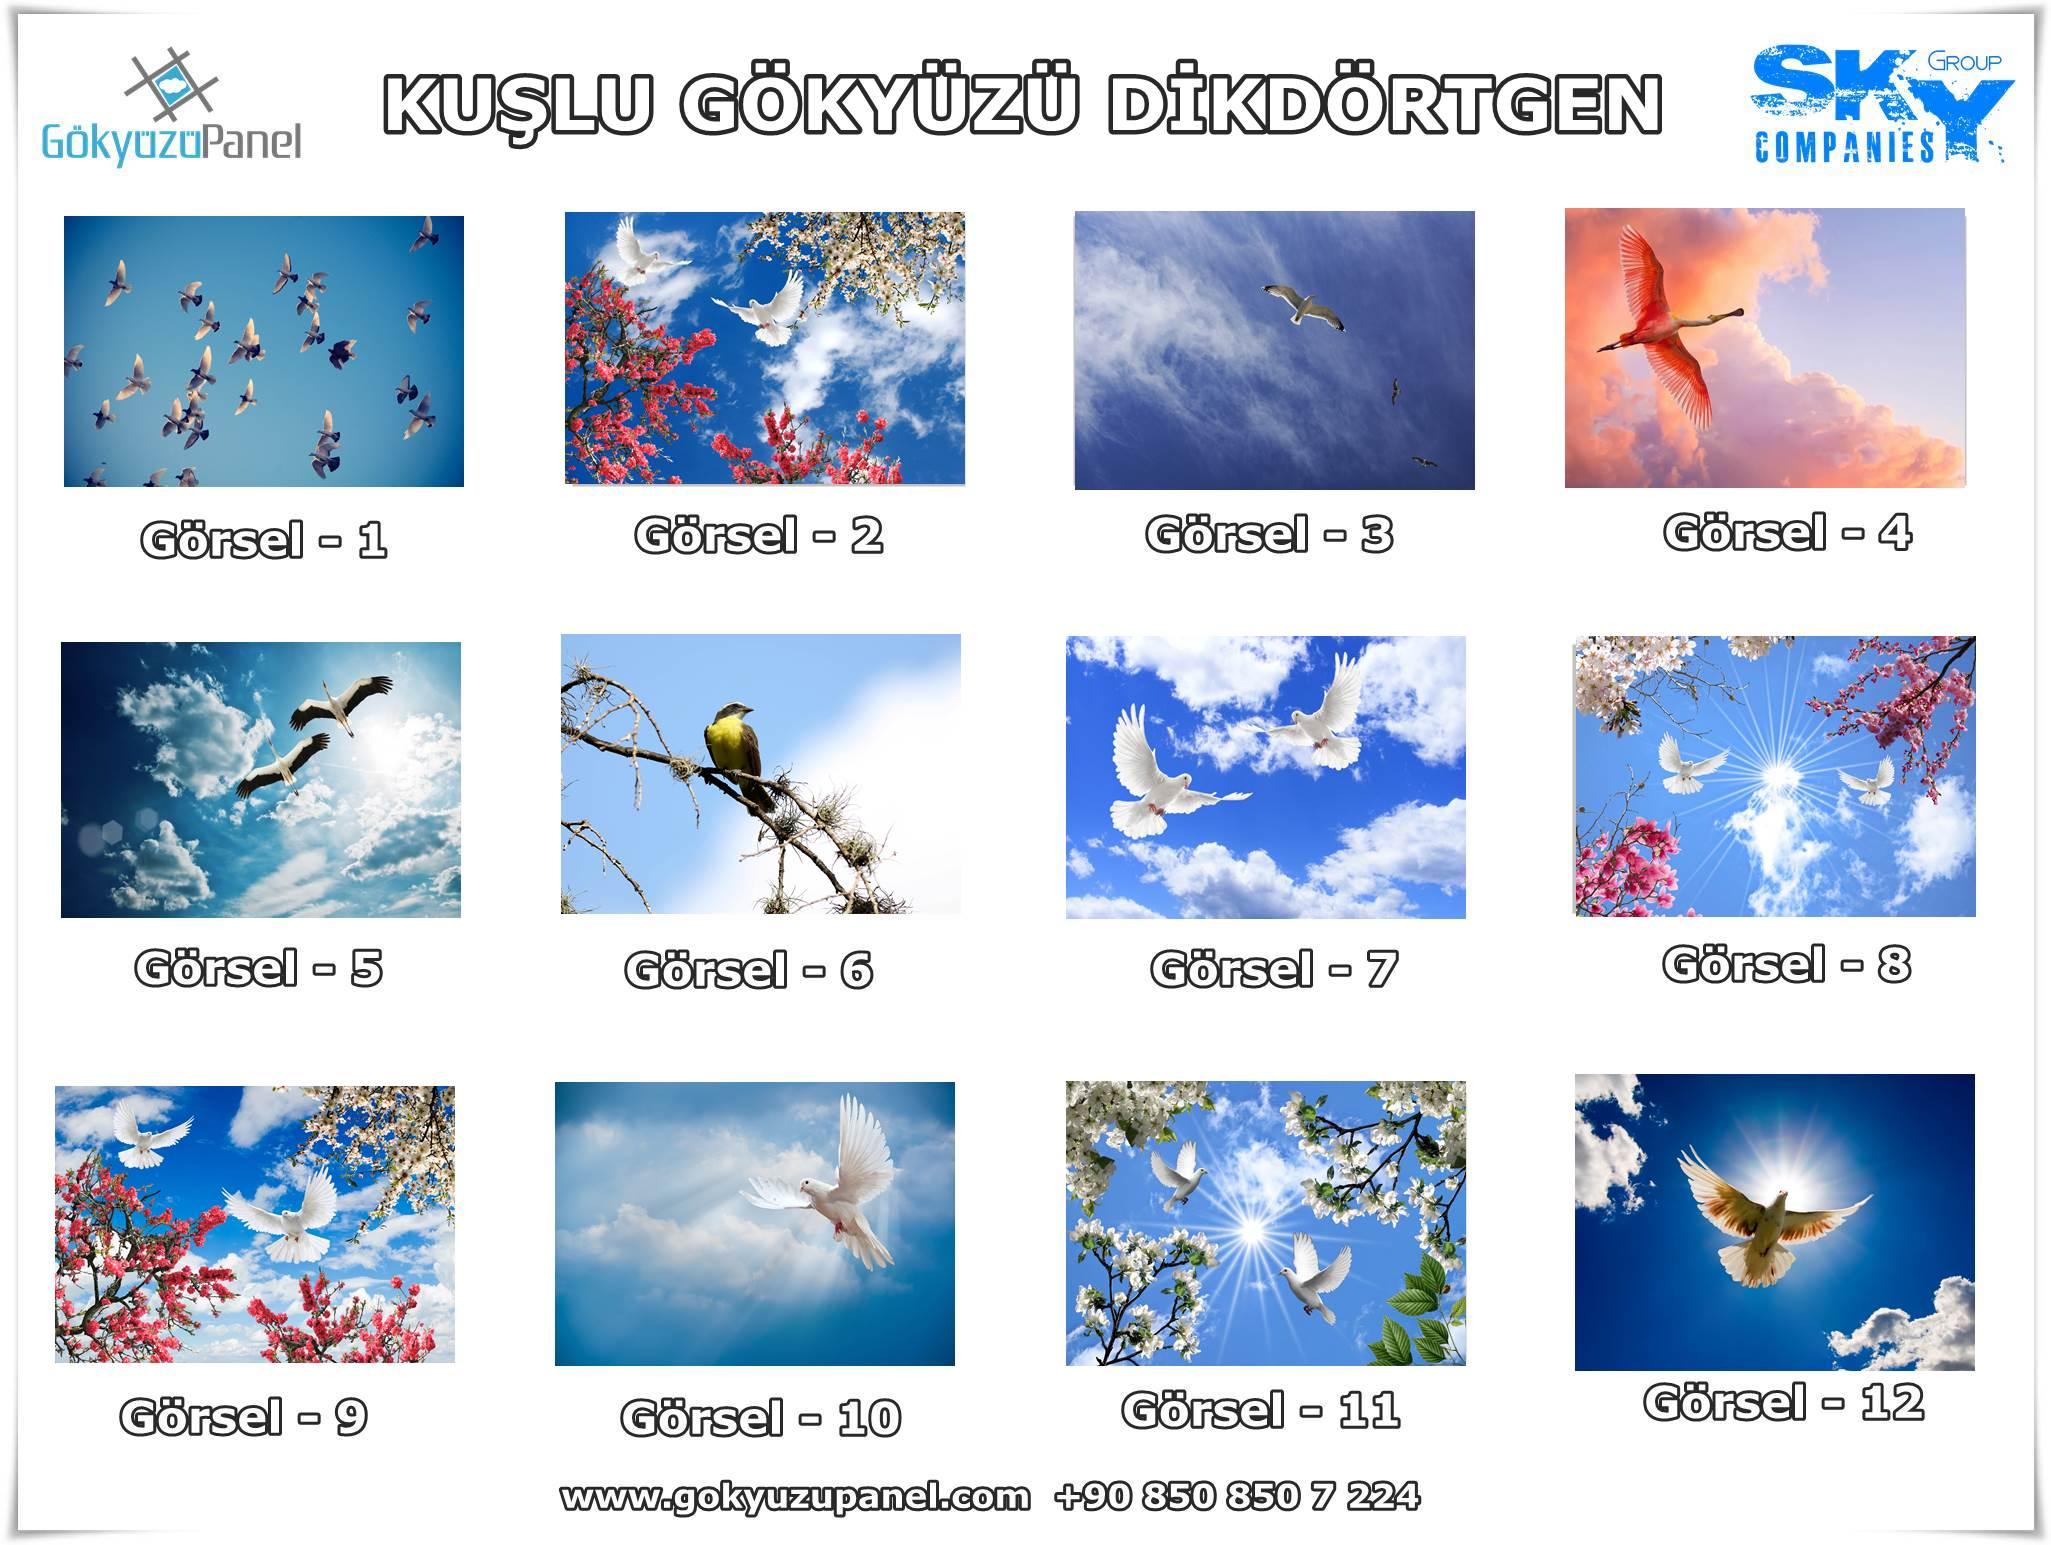 Kuşlu Gökyüzü Dikdörtgen